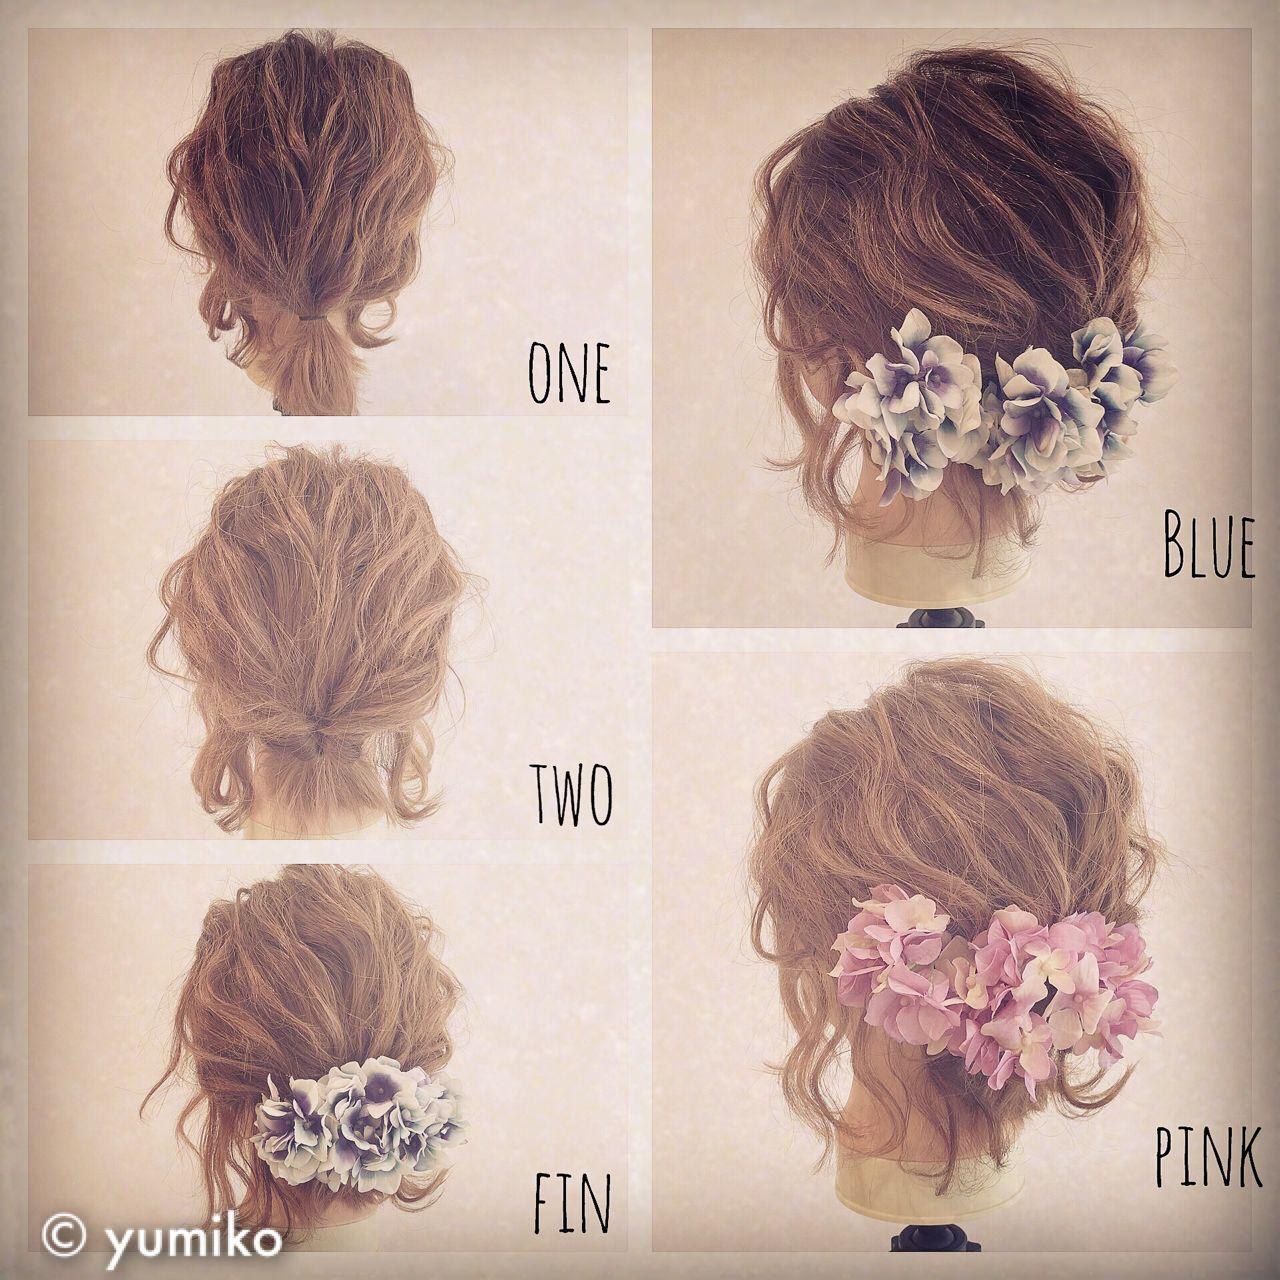 ゆるふわ 結婚式 簡単ヘアアレンジ ナチュラル ヘアスタイルや髪型の写真・画像